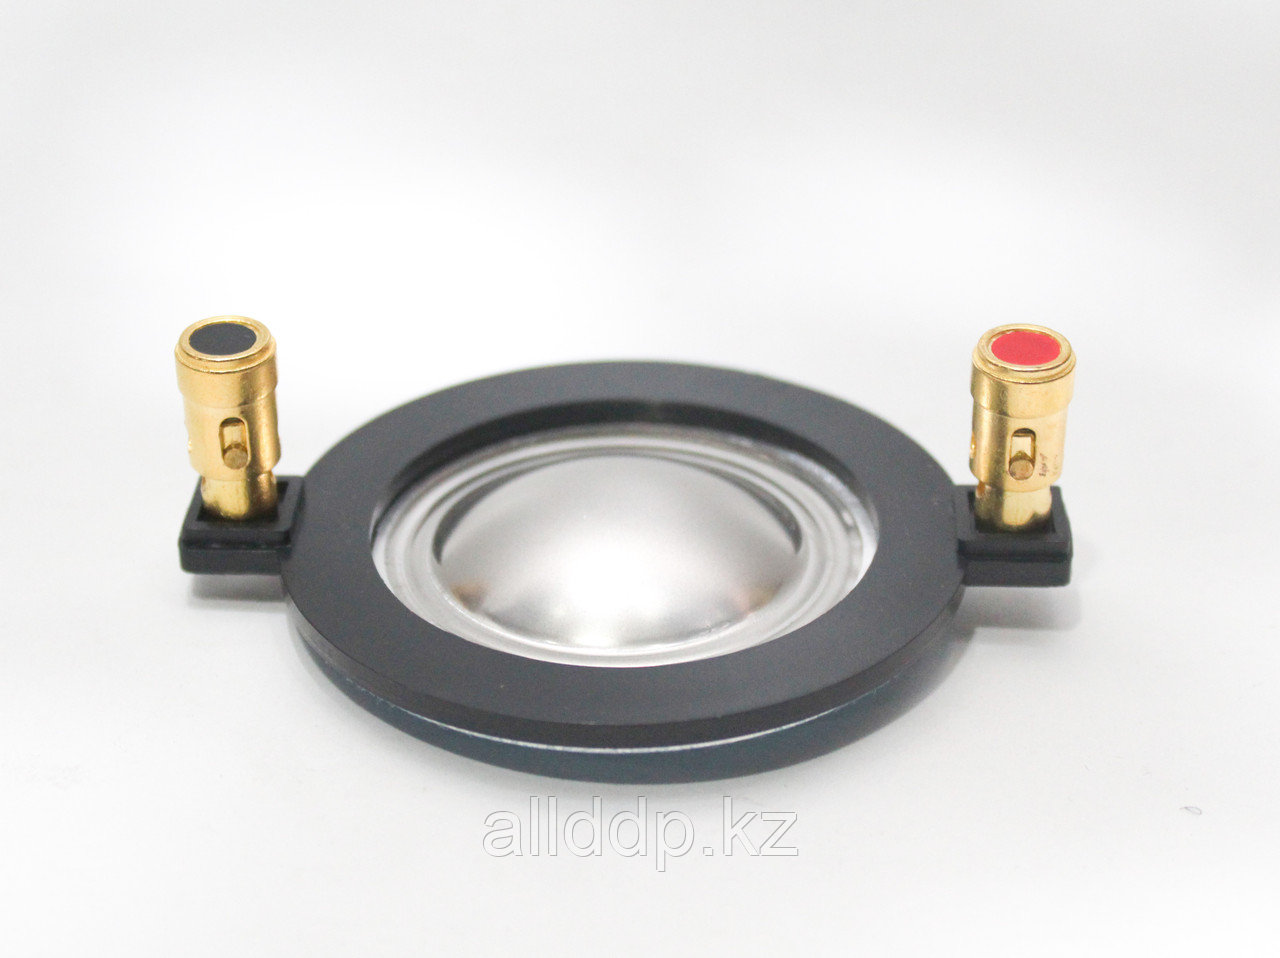 Сменная мембрана для ВЧ динамика 34,4 мм